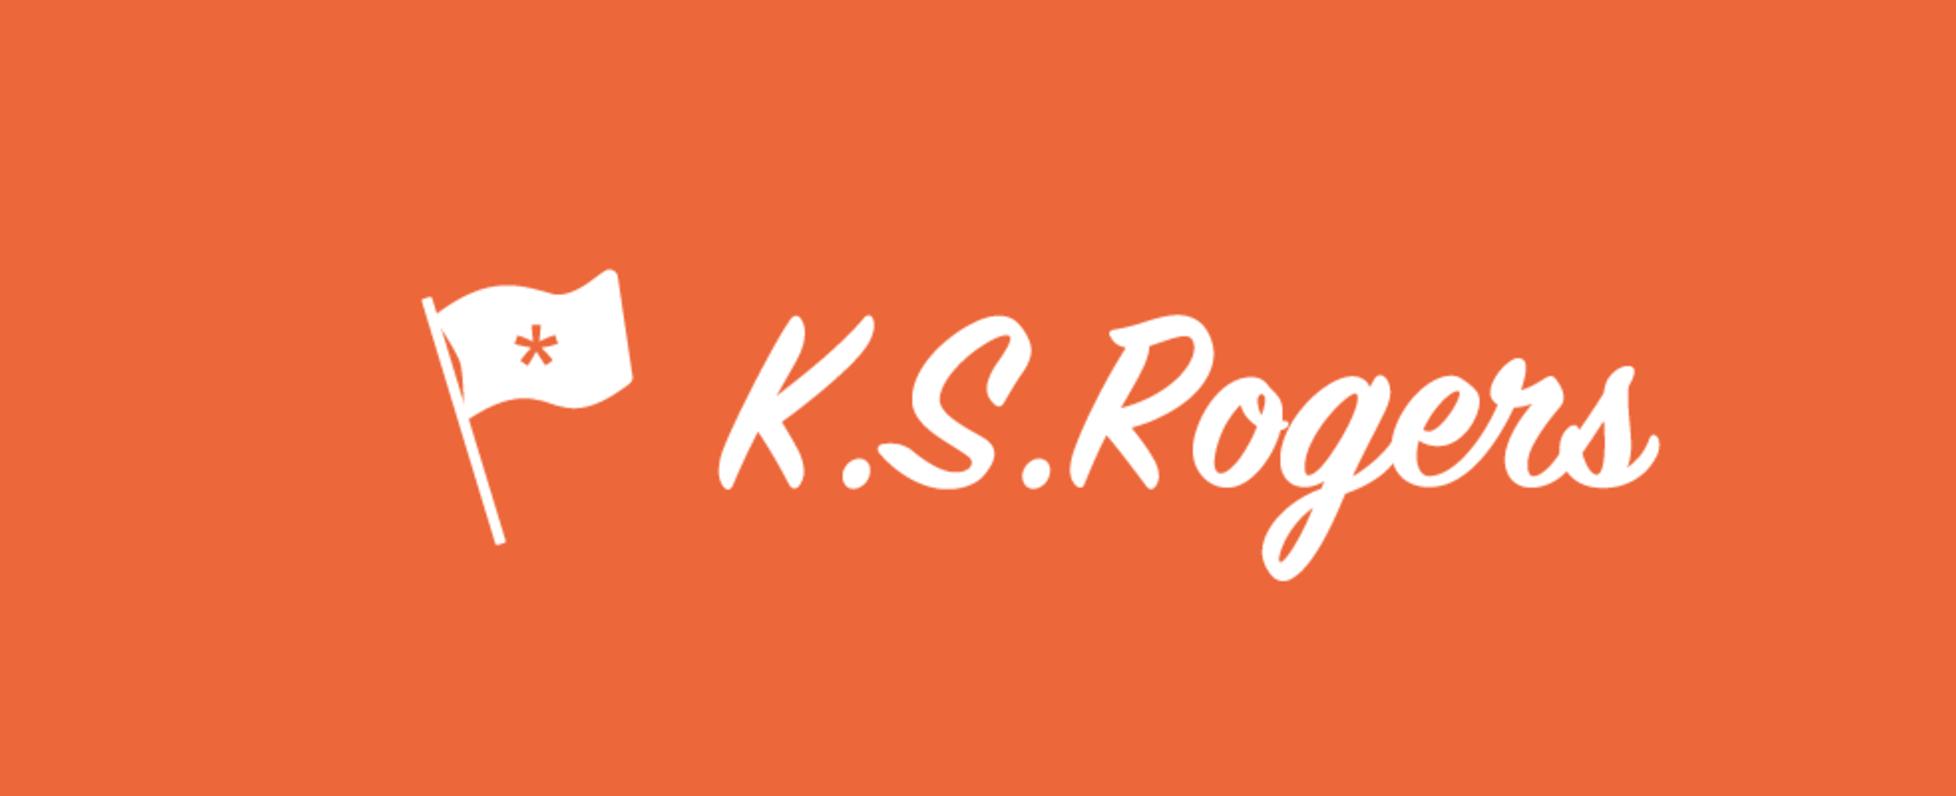 フルリモート・時間自由!エンジニアの自由な働き方を追求するK.S.ロジャースでのECサービスやマーケティングプラットフォームにおけるフロントエンド開発(React)